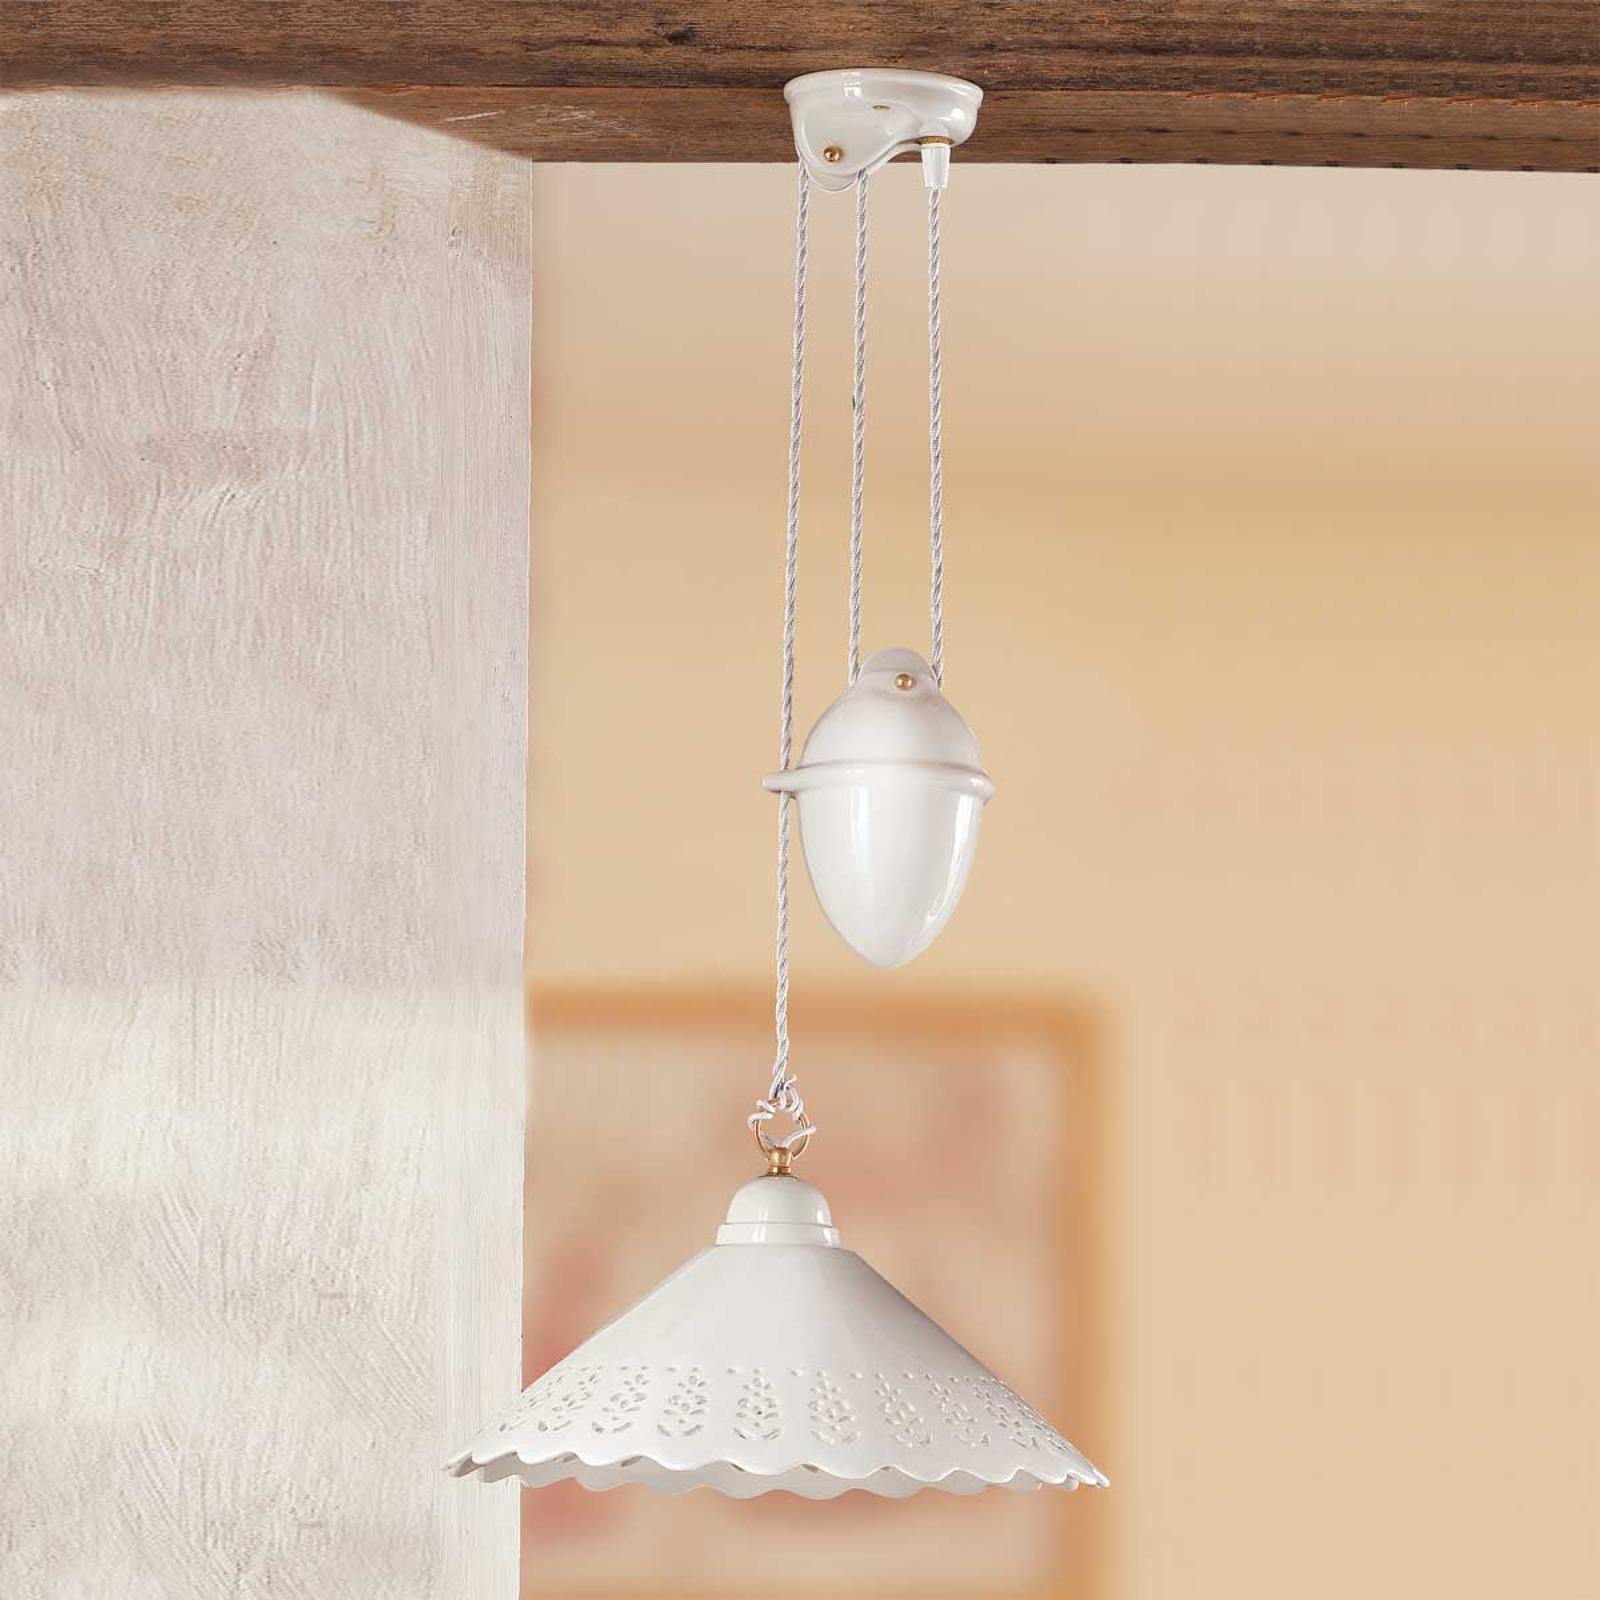 Lampa wisząca Pizzo regulacja wysokości 1pkt 40 cm